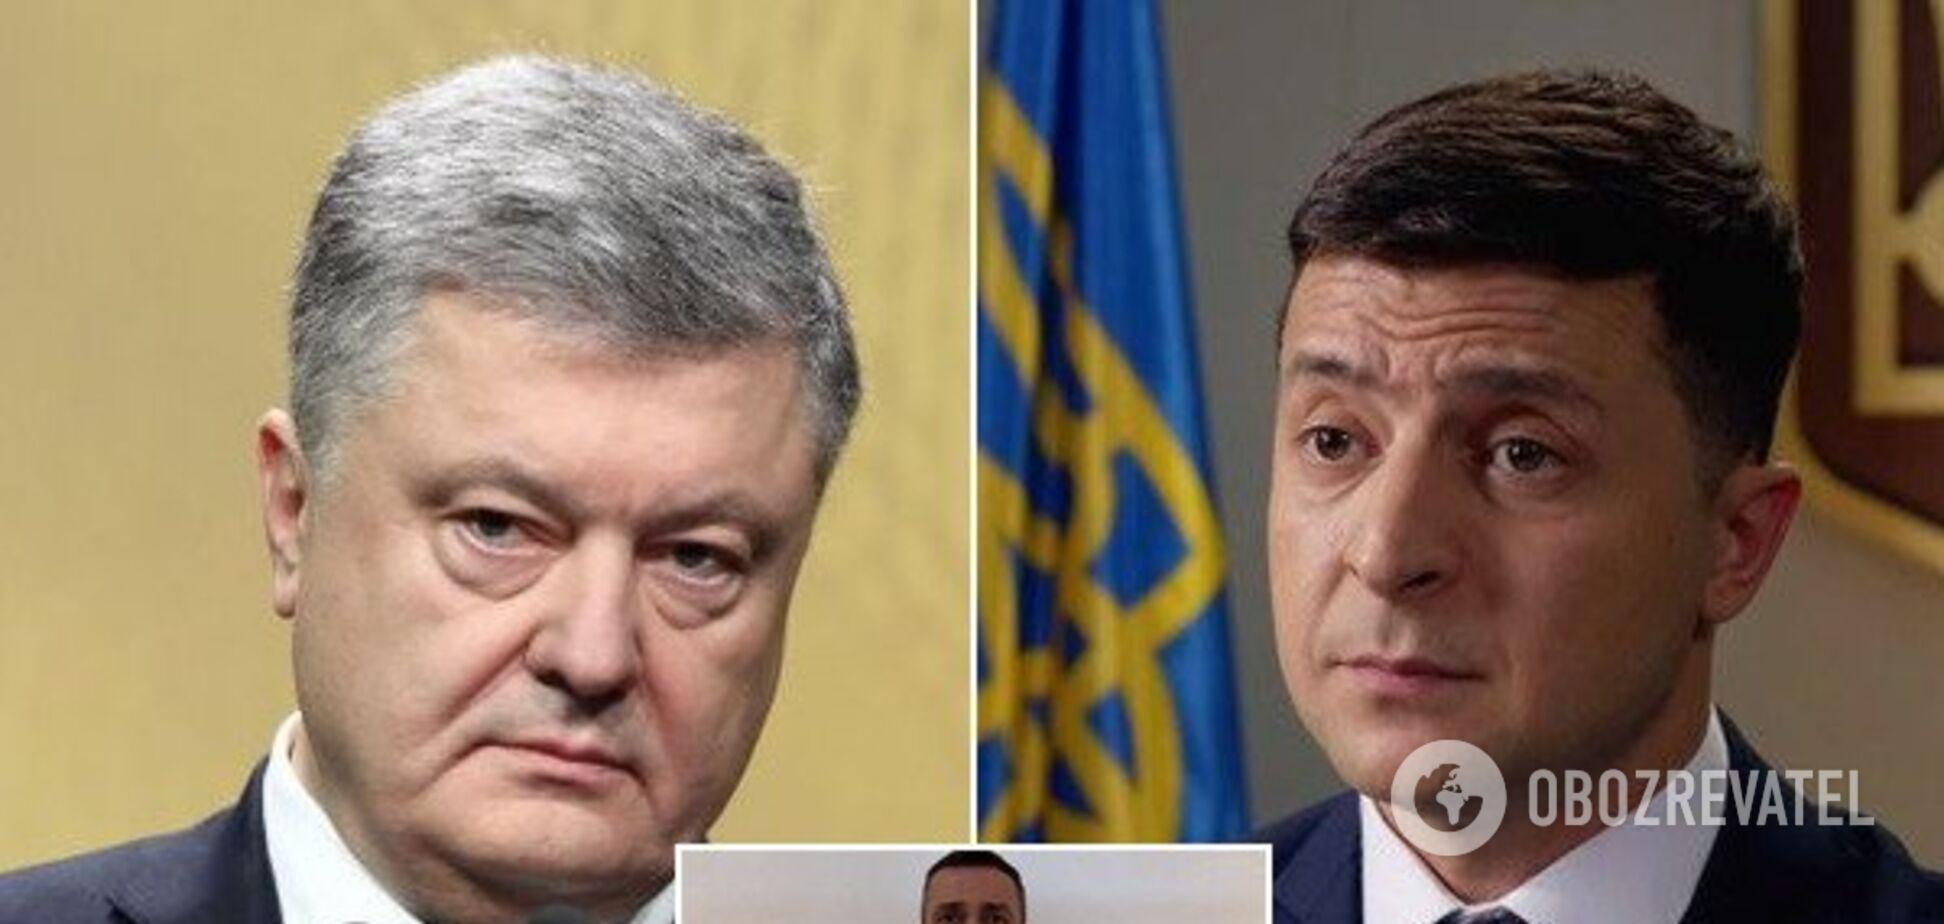 'Не обманывайте нас!' Владимир Кличко резко обратился к Порошенко и Зеленскому